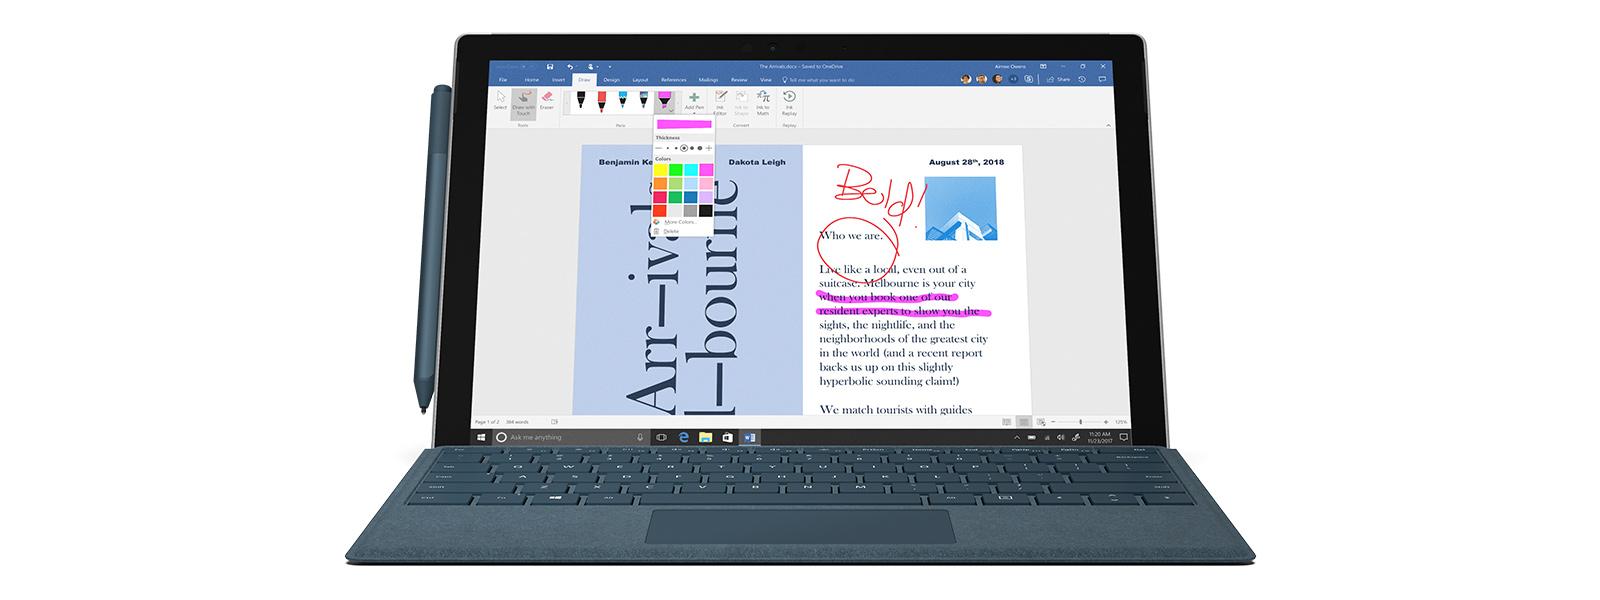 Surface Pro, mille ekraanil on näha tindifunktsioonide kasutamine Paint 3D kuval